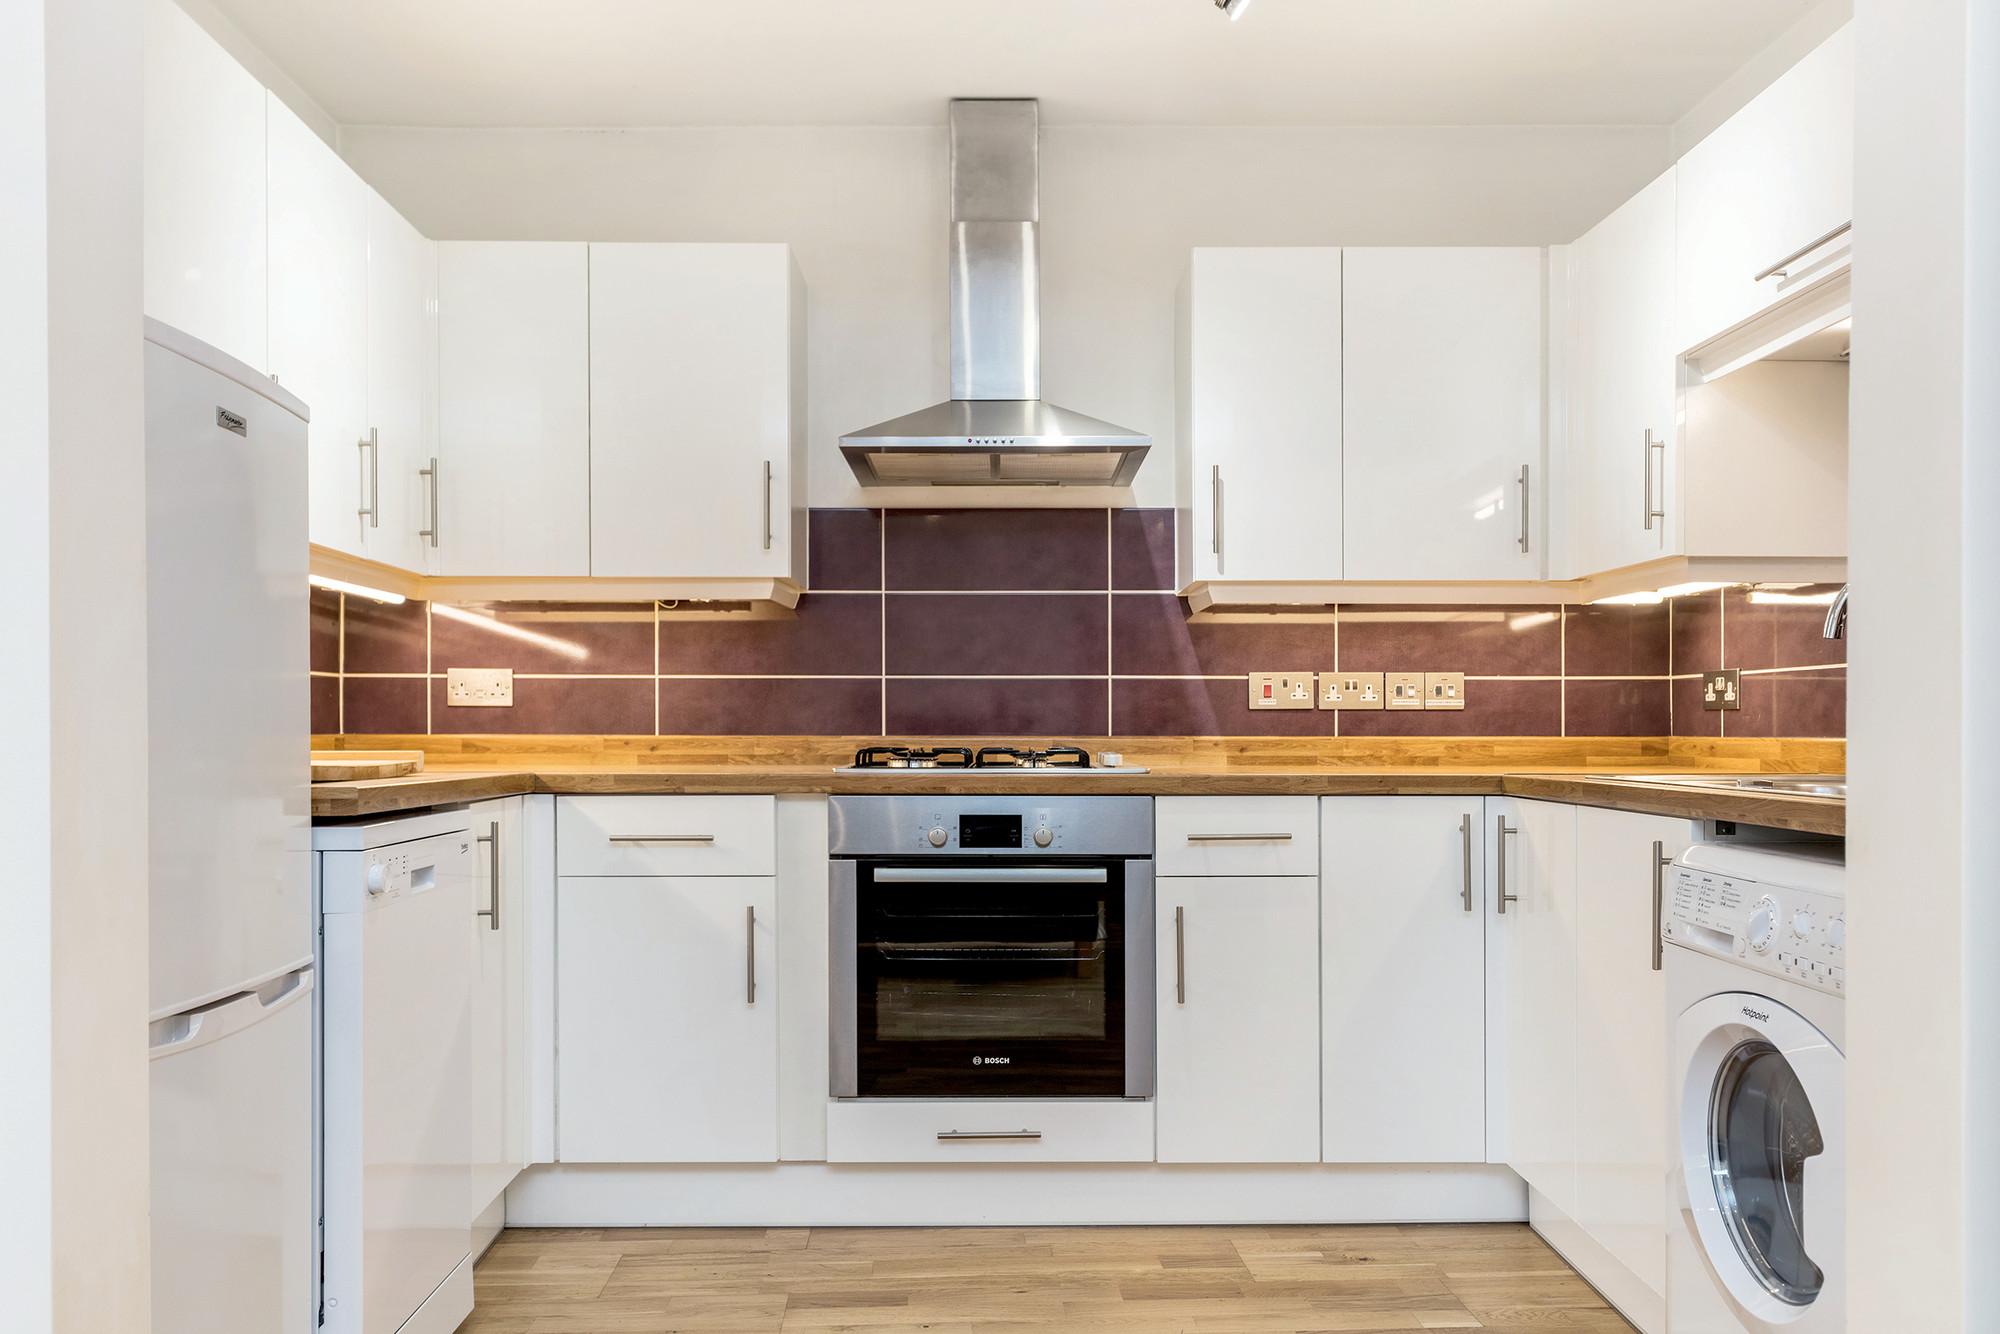 2 bedroom flat for sale in gunterstone road london w14 lawson rutter